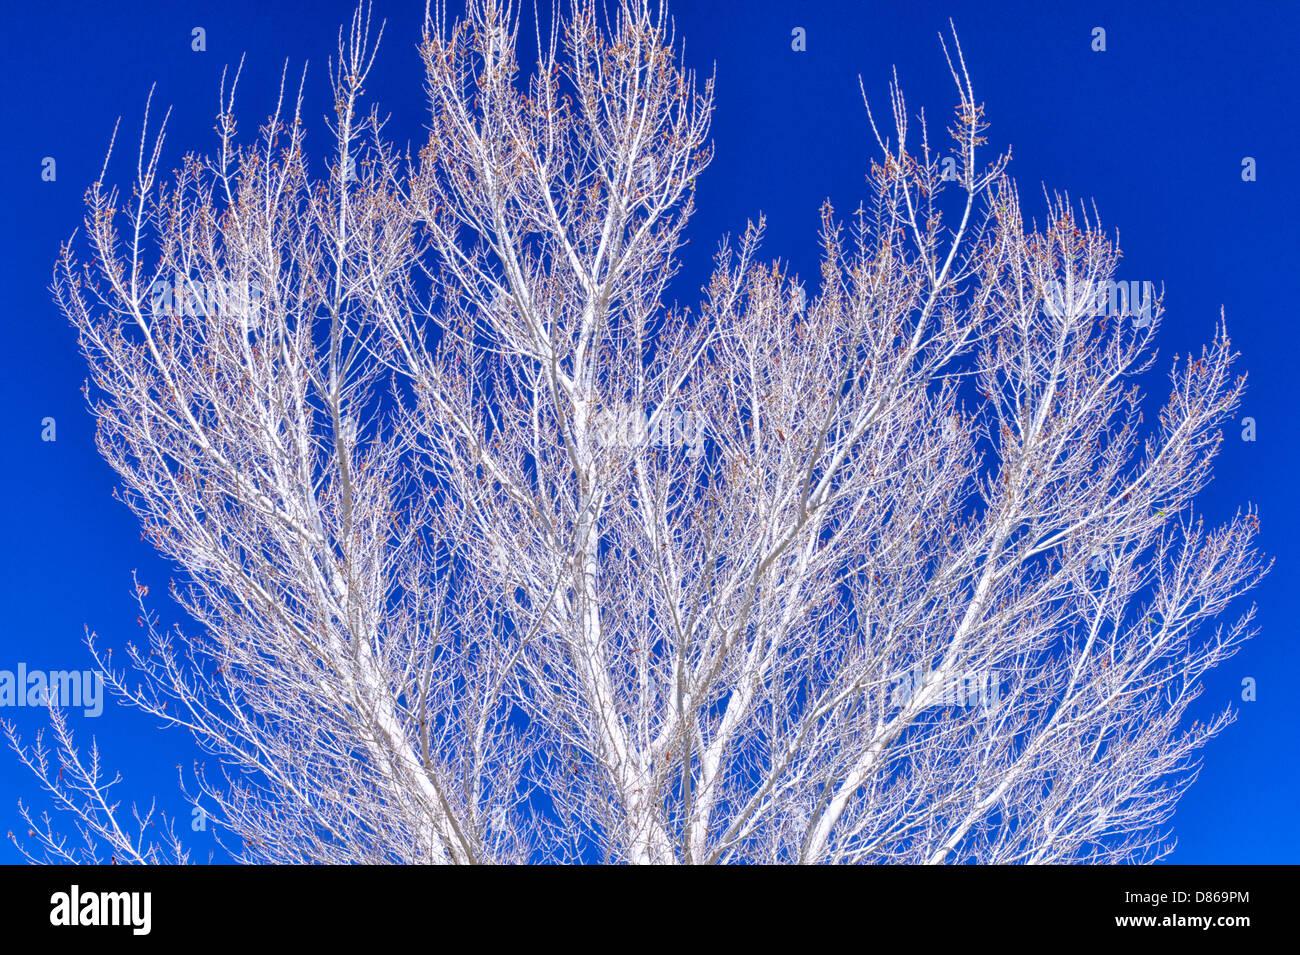 L'écorce blanche de peuplier de l'arbre. Préserver l'eau blanche. Californie Photo Stock